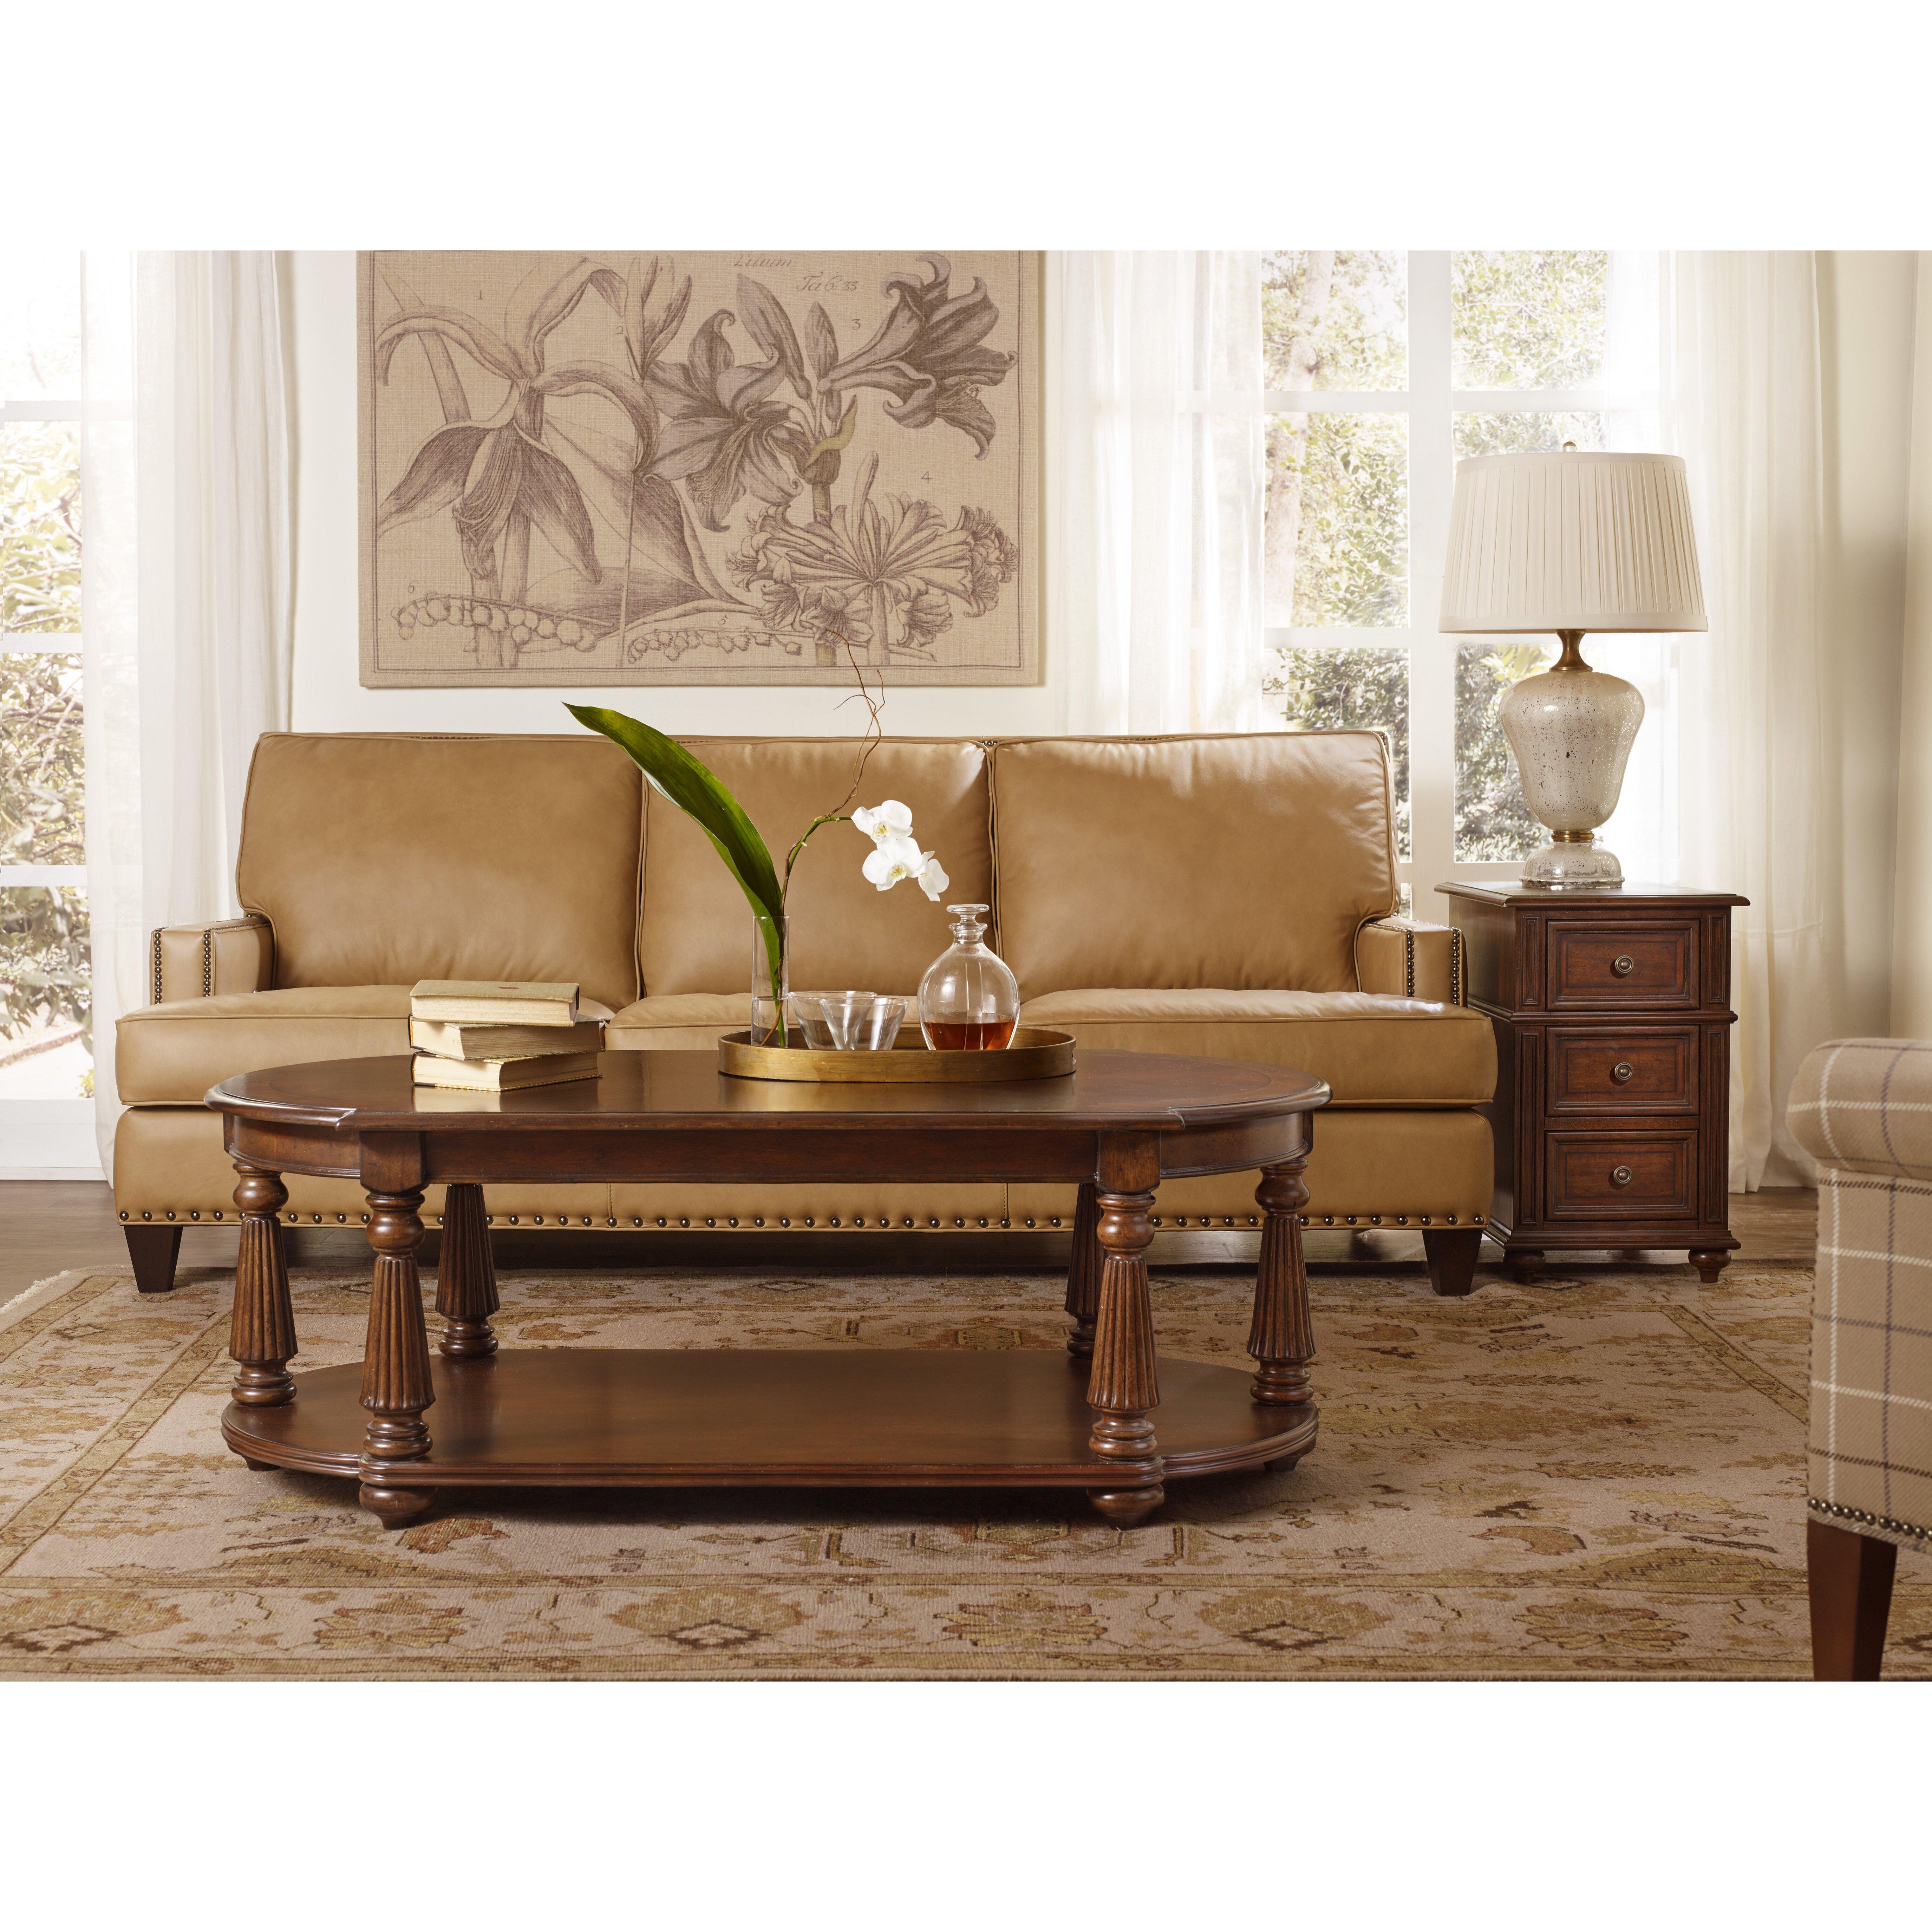 Https Www Wayfair Com Hooker Furniture Leesburg Coffee Table 5381 80110 Hkr10237 Html